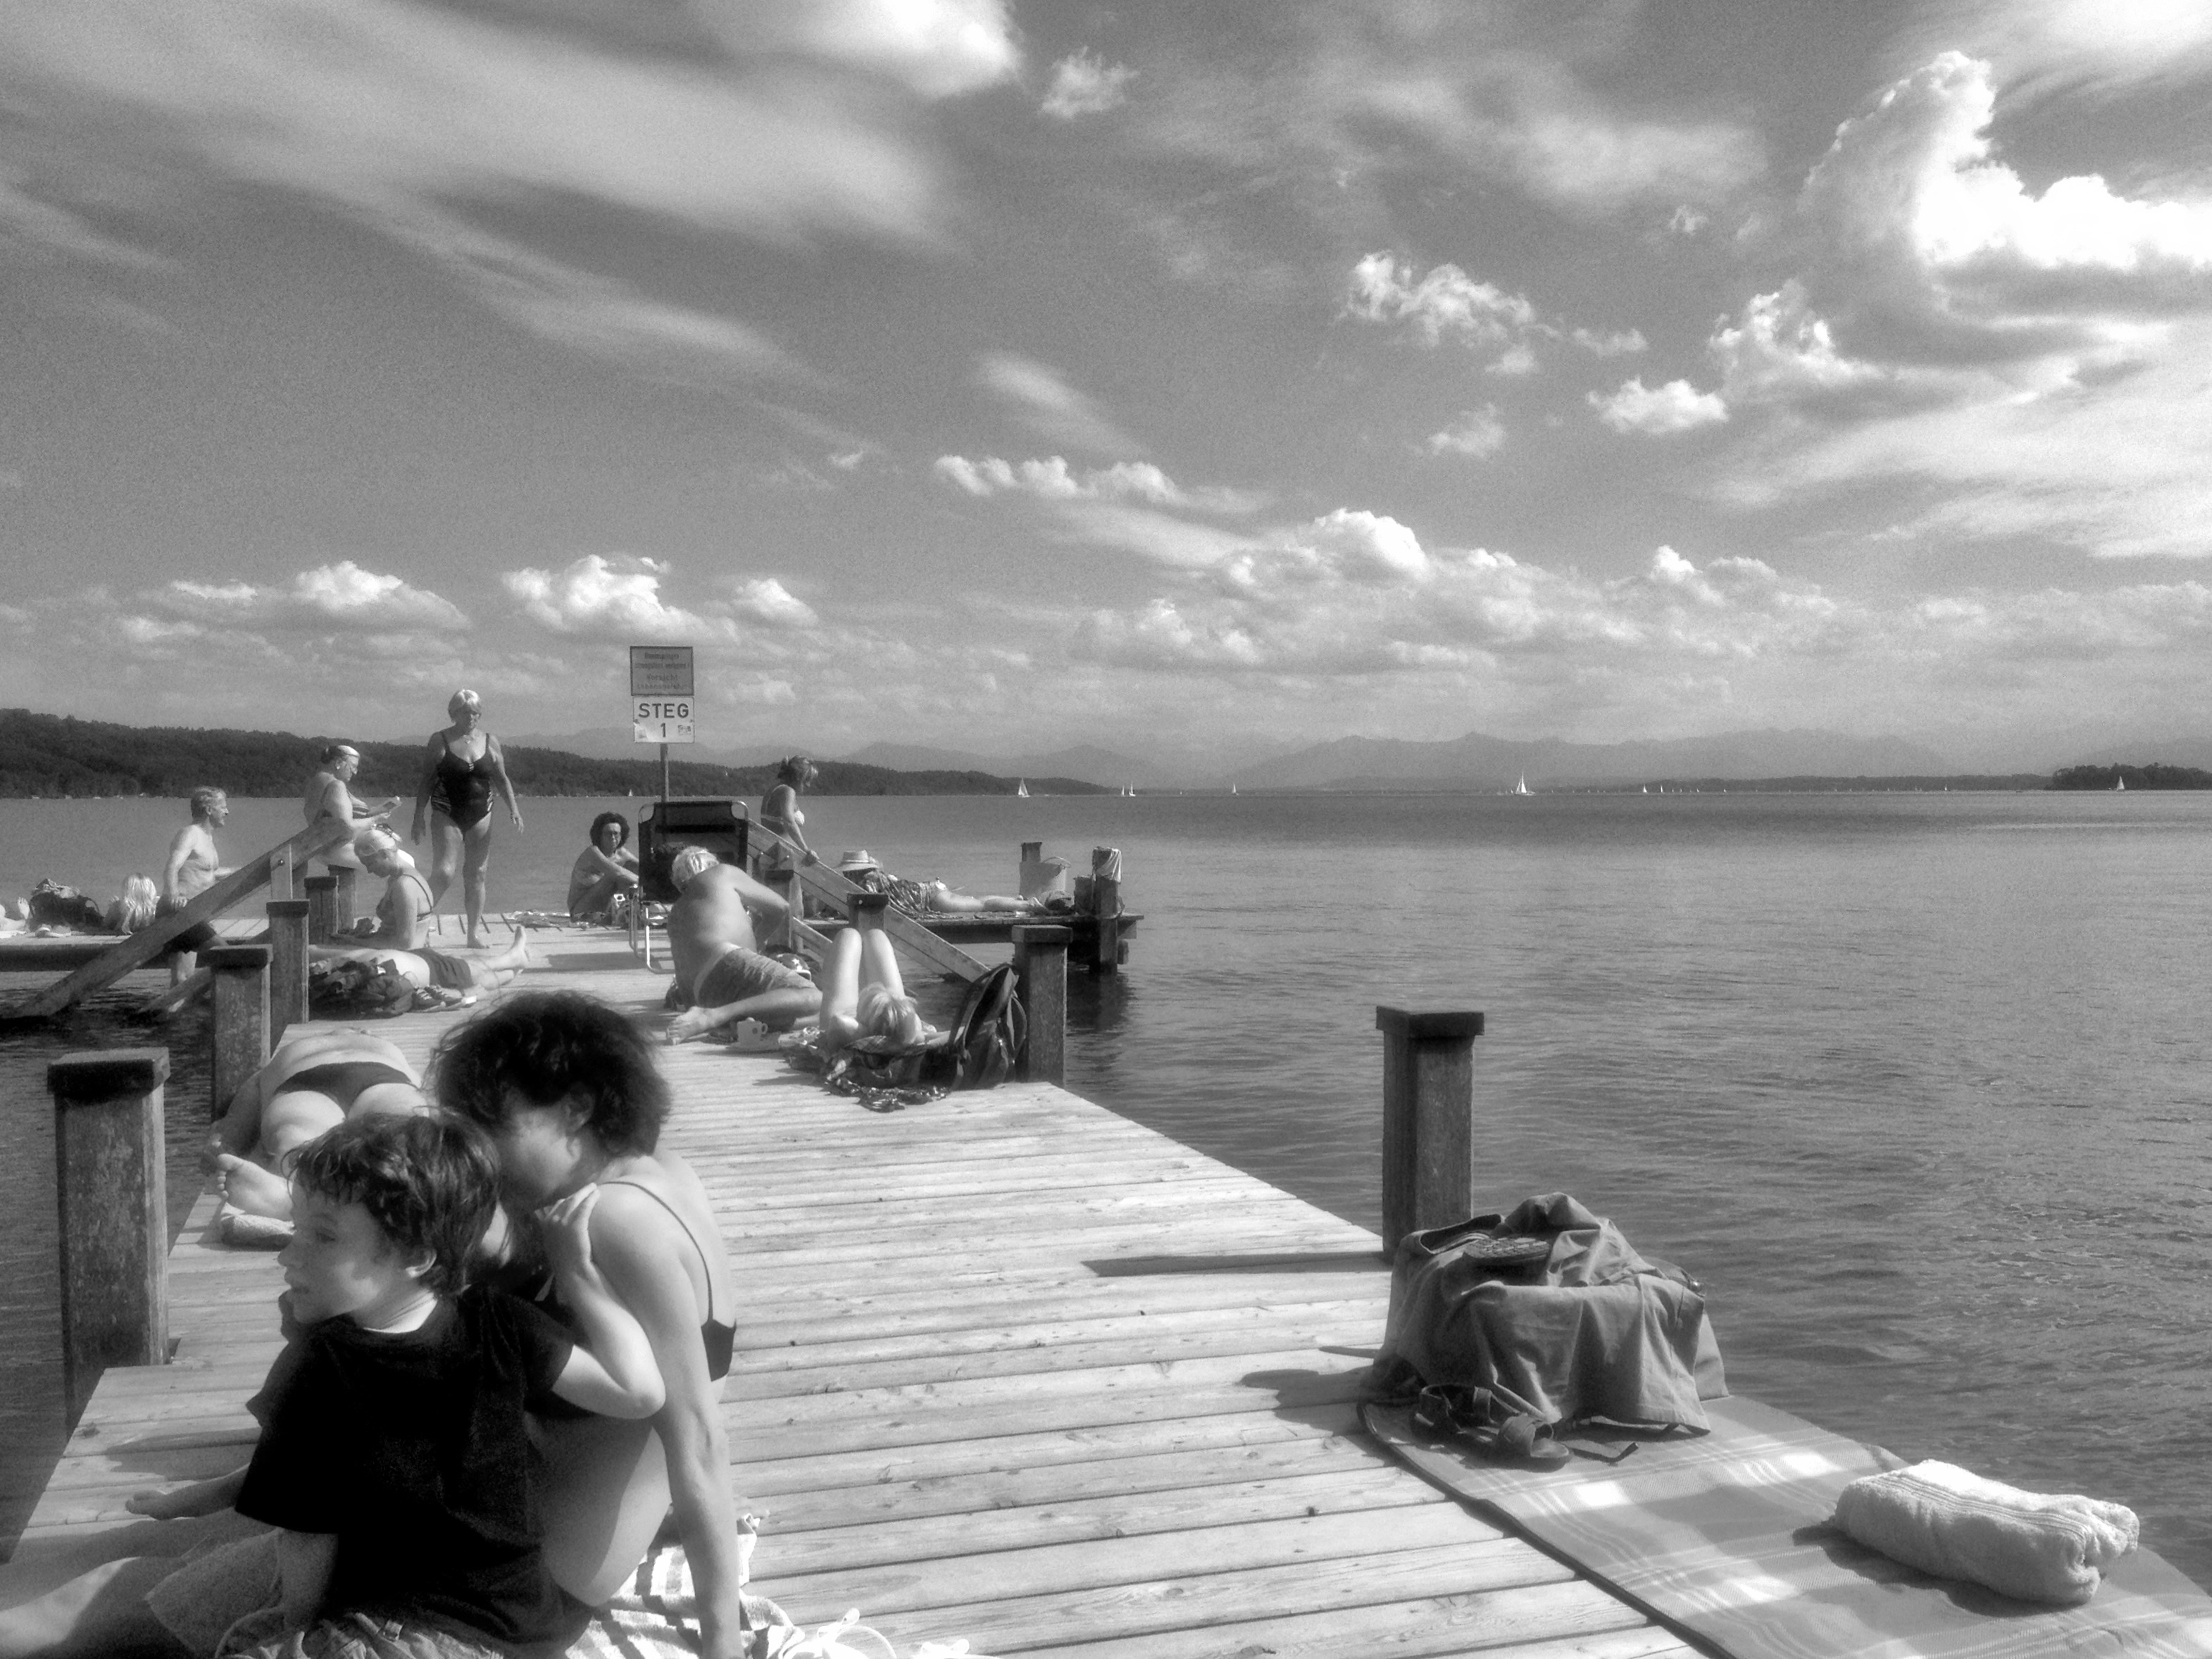 Wenn Maße in Klasse umschlägt: Bettina Dunker zum Bilder-Plural in der zeitgenössischen Fotografie